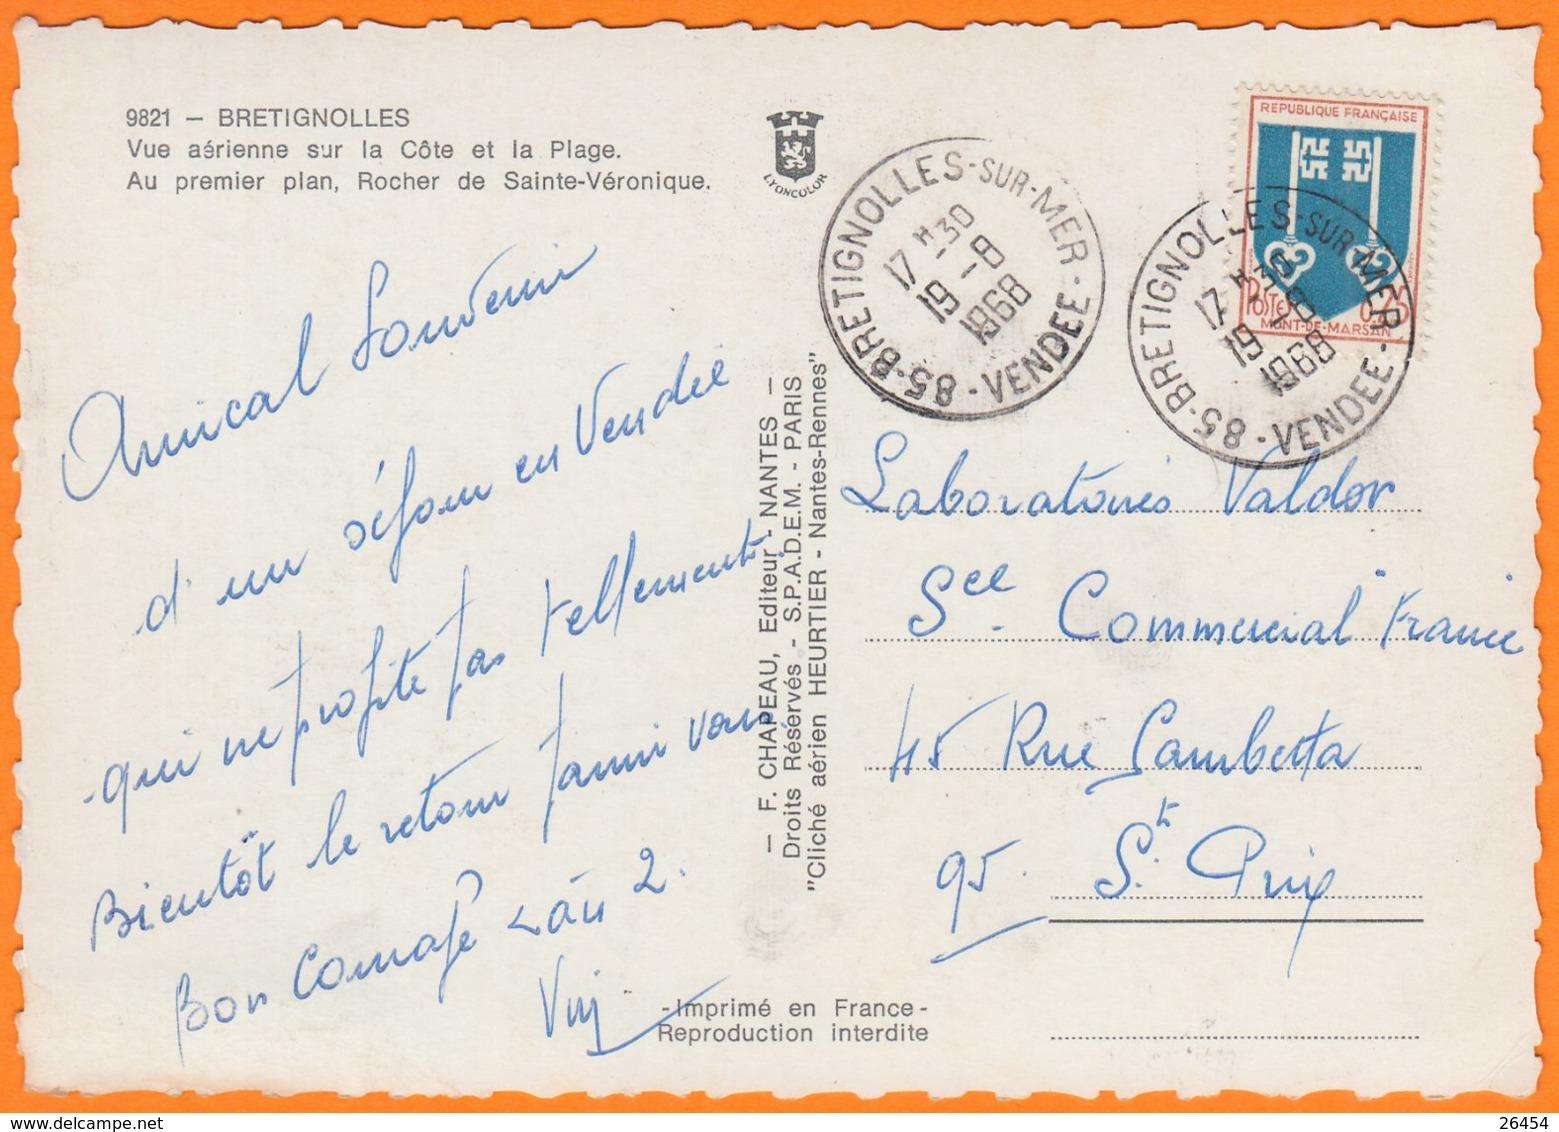 85 BRETIGNOLLES   CPSM  Vue  Aérienne Sur La Cote Et La Plage    Num 9821  Le 19 8 1968 - Bretignolles Sur Mer